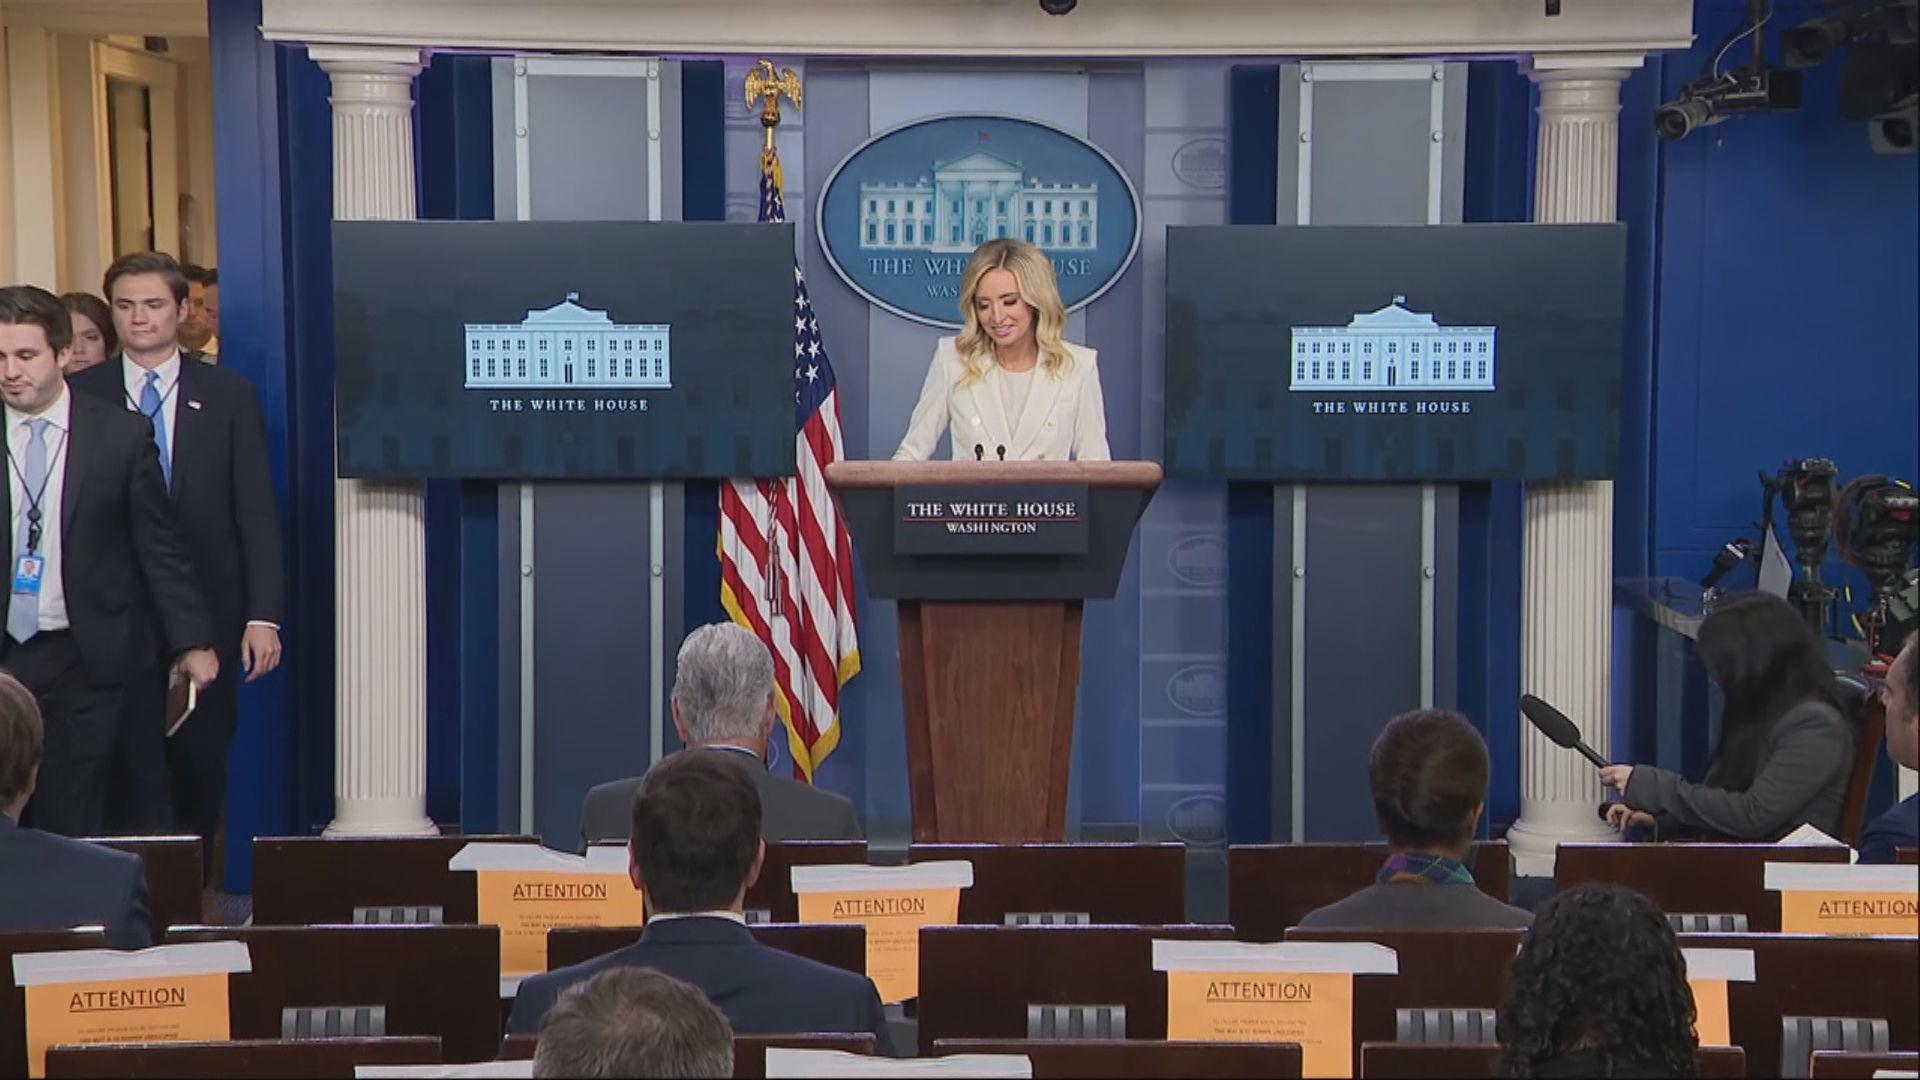 白宮:中美關係令人失望沮喪